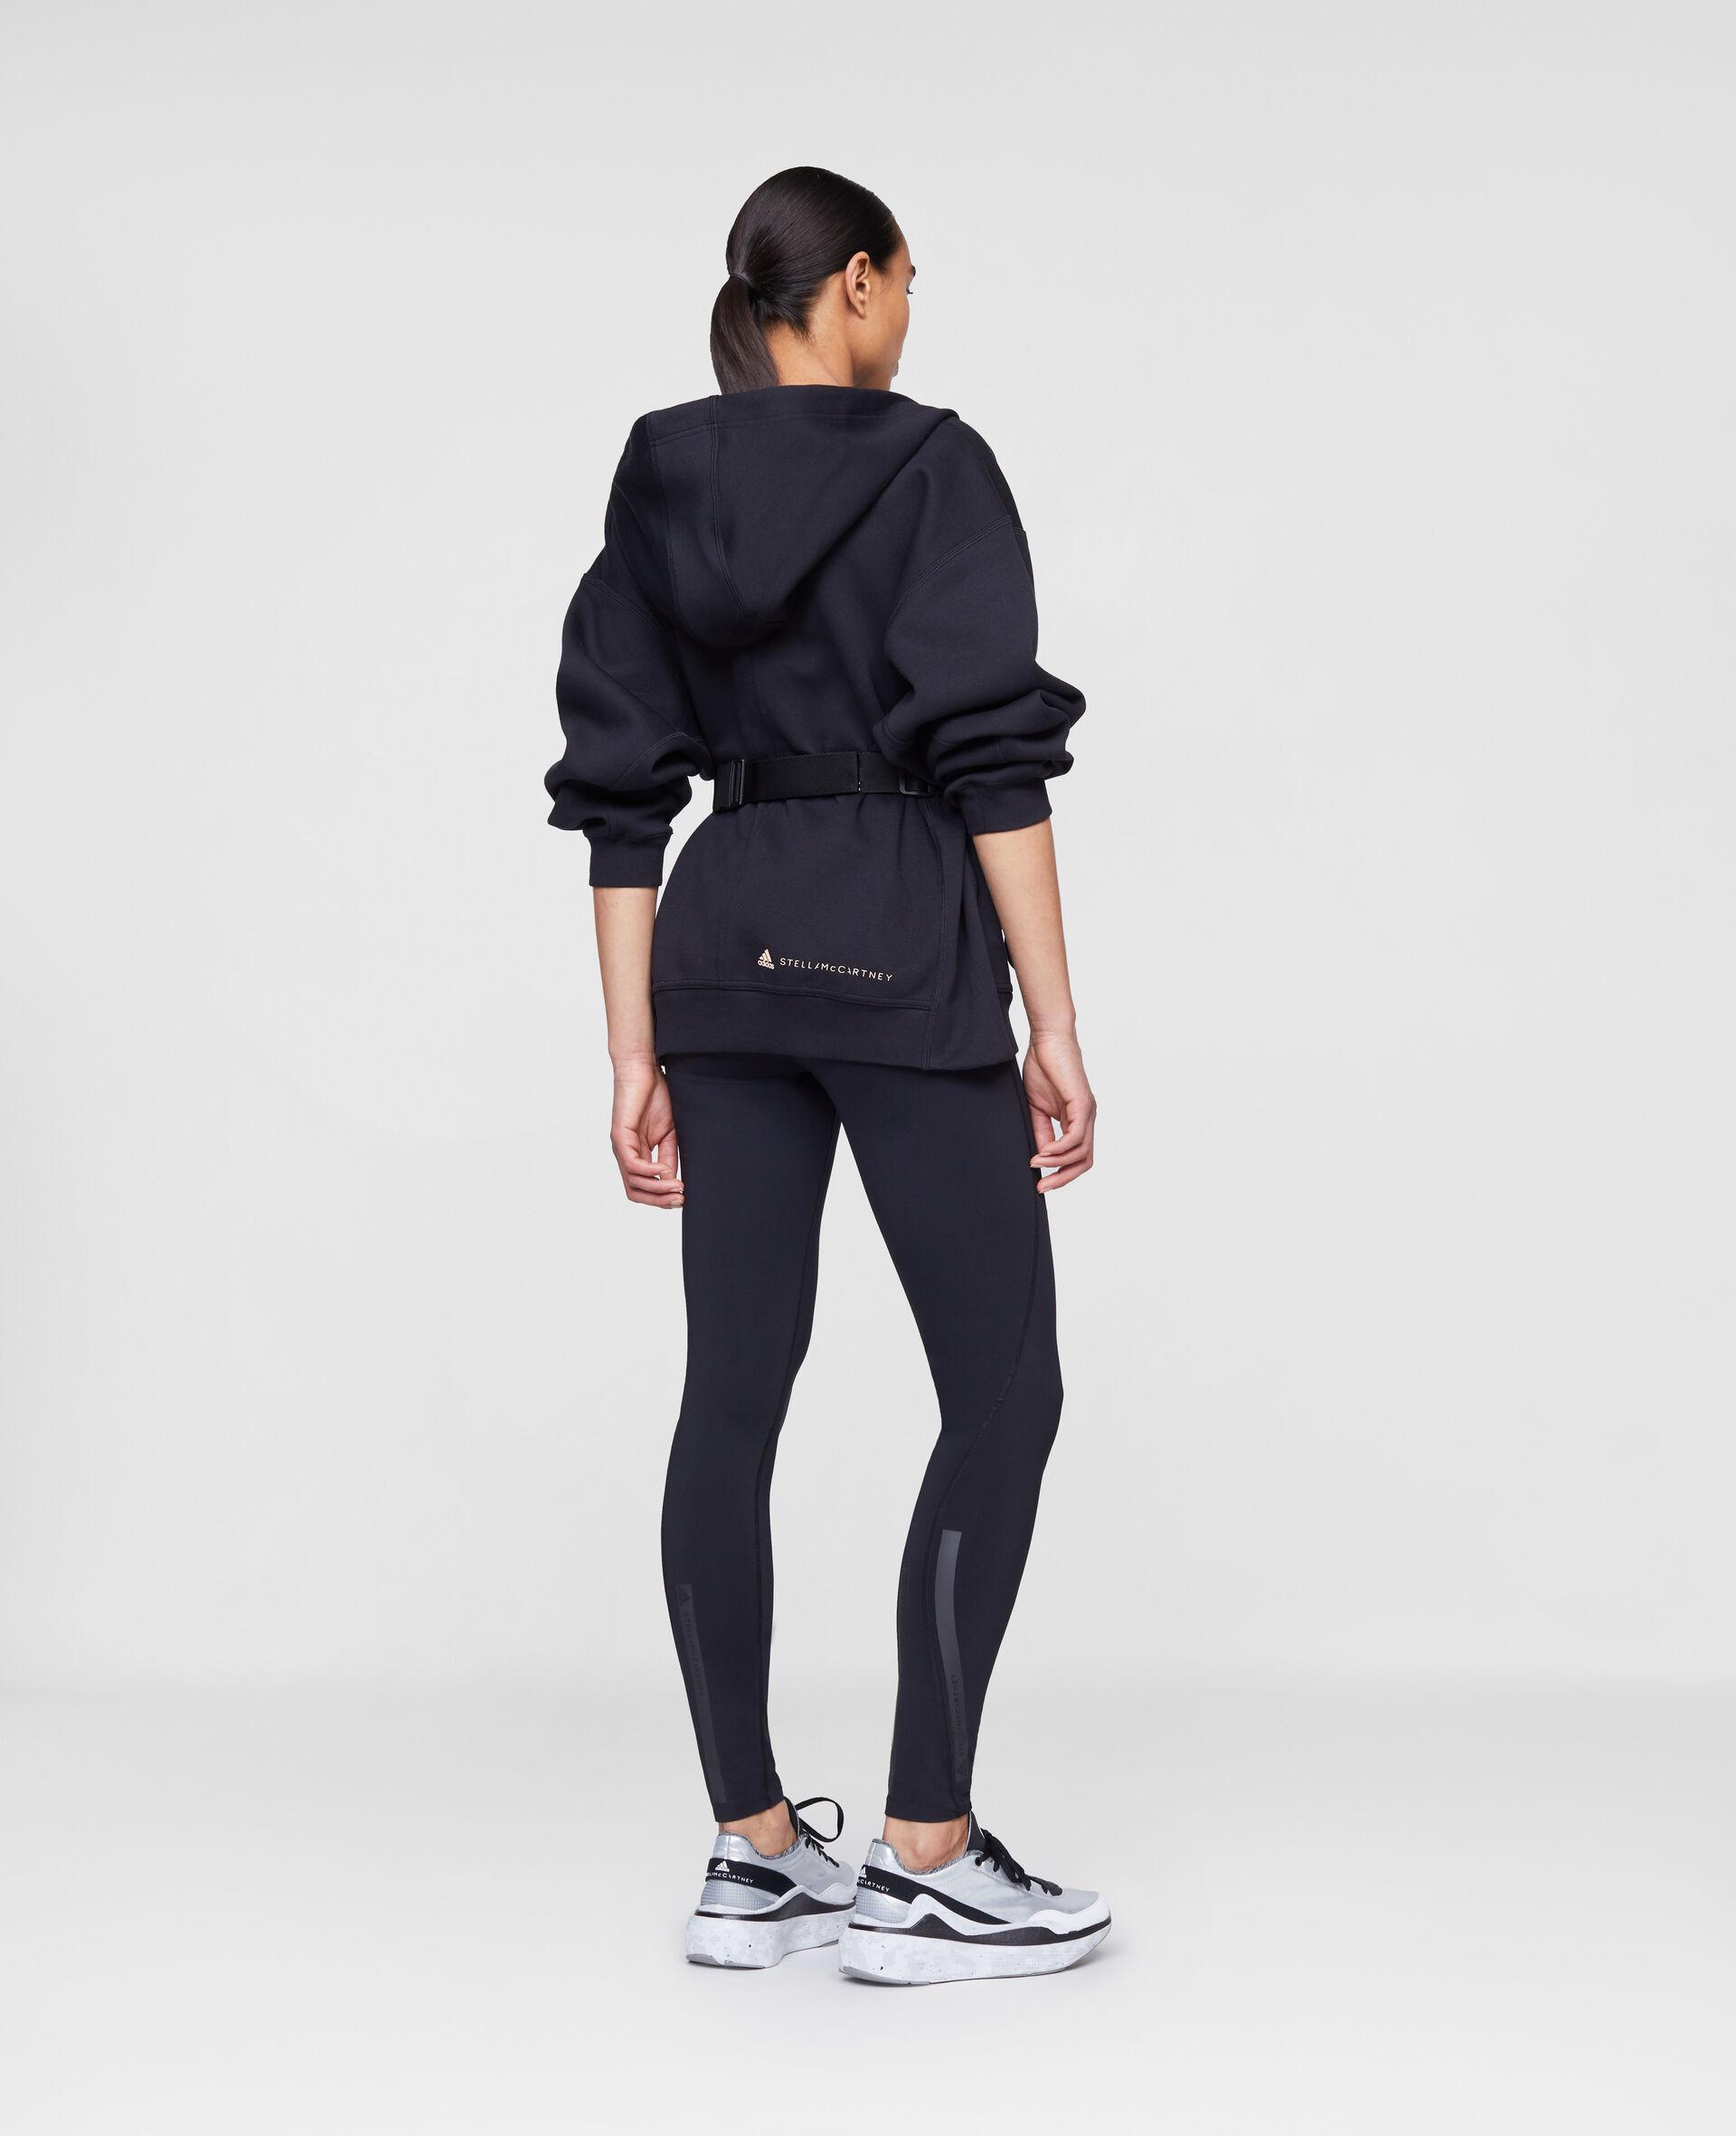 Schwarzes Kapuzensweatshirt mit Reißverschluss-Schwarz-large image number 2